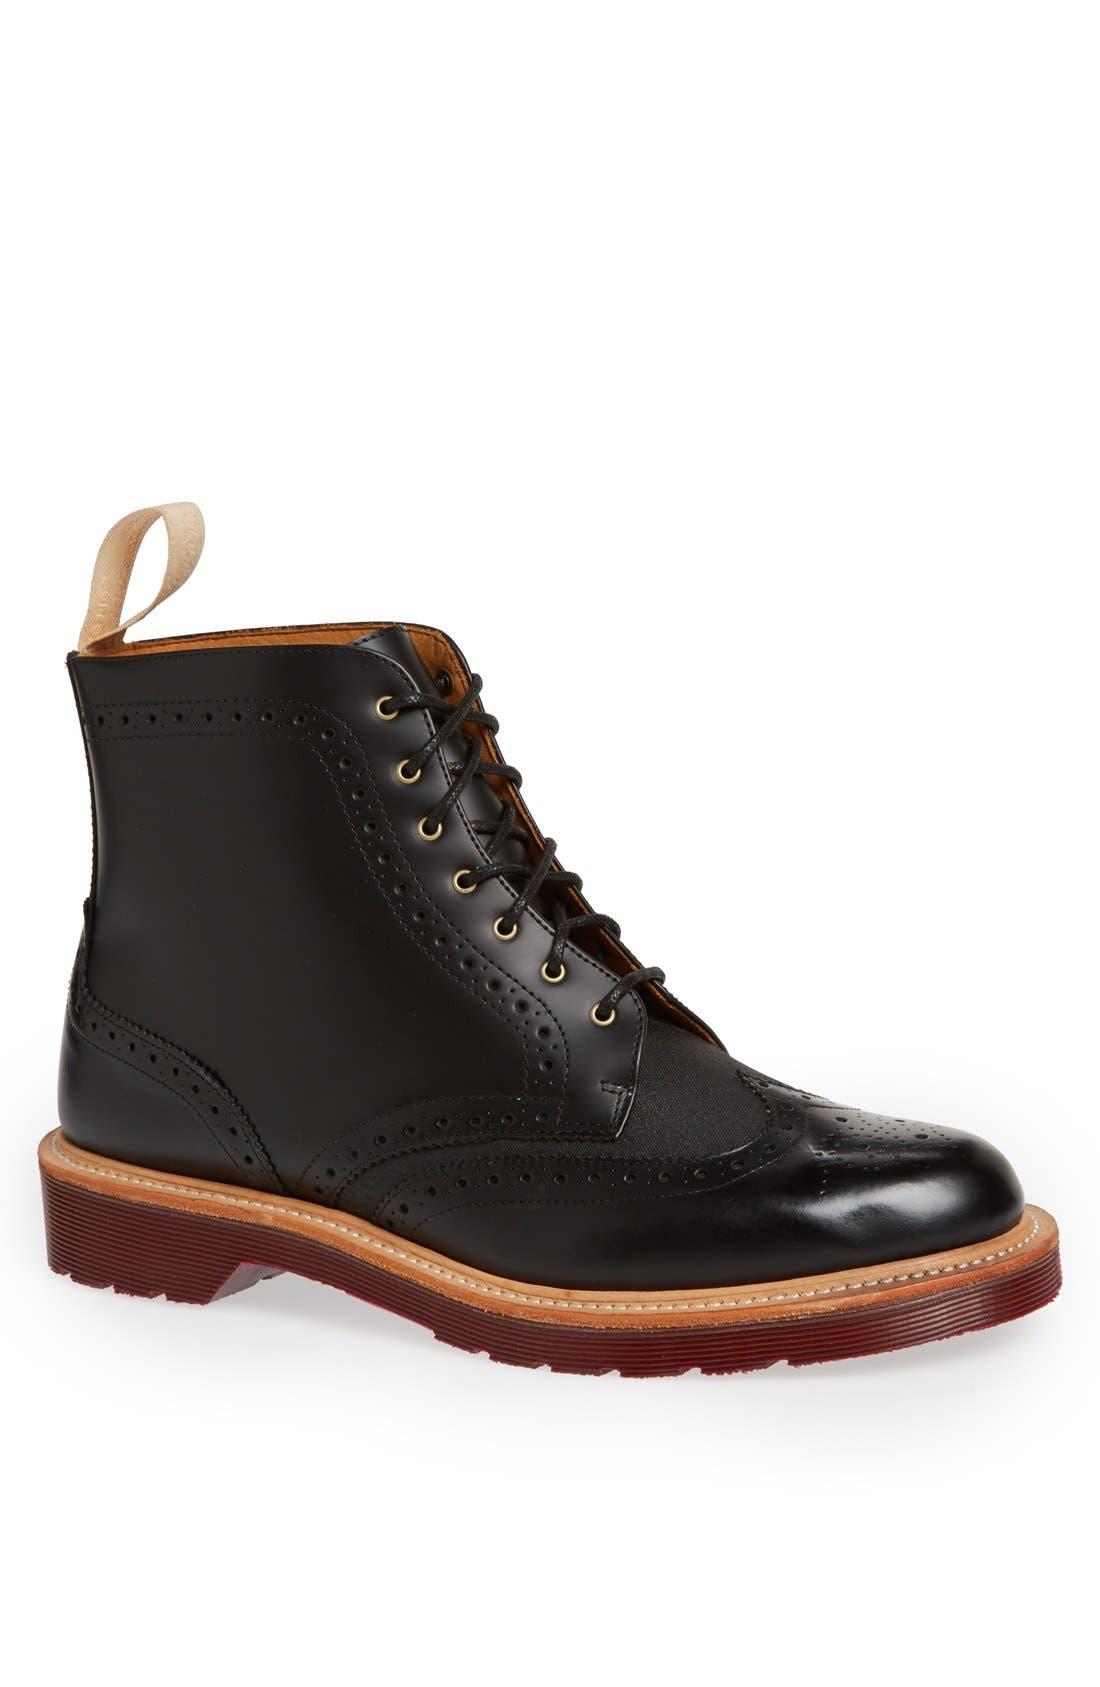 Main Image - Dr. Martens 'Bentley' Boot